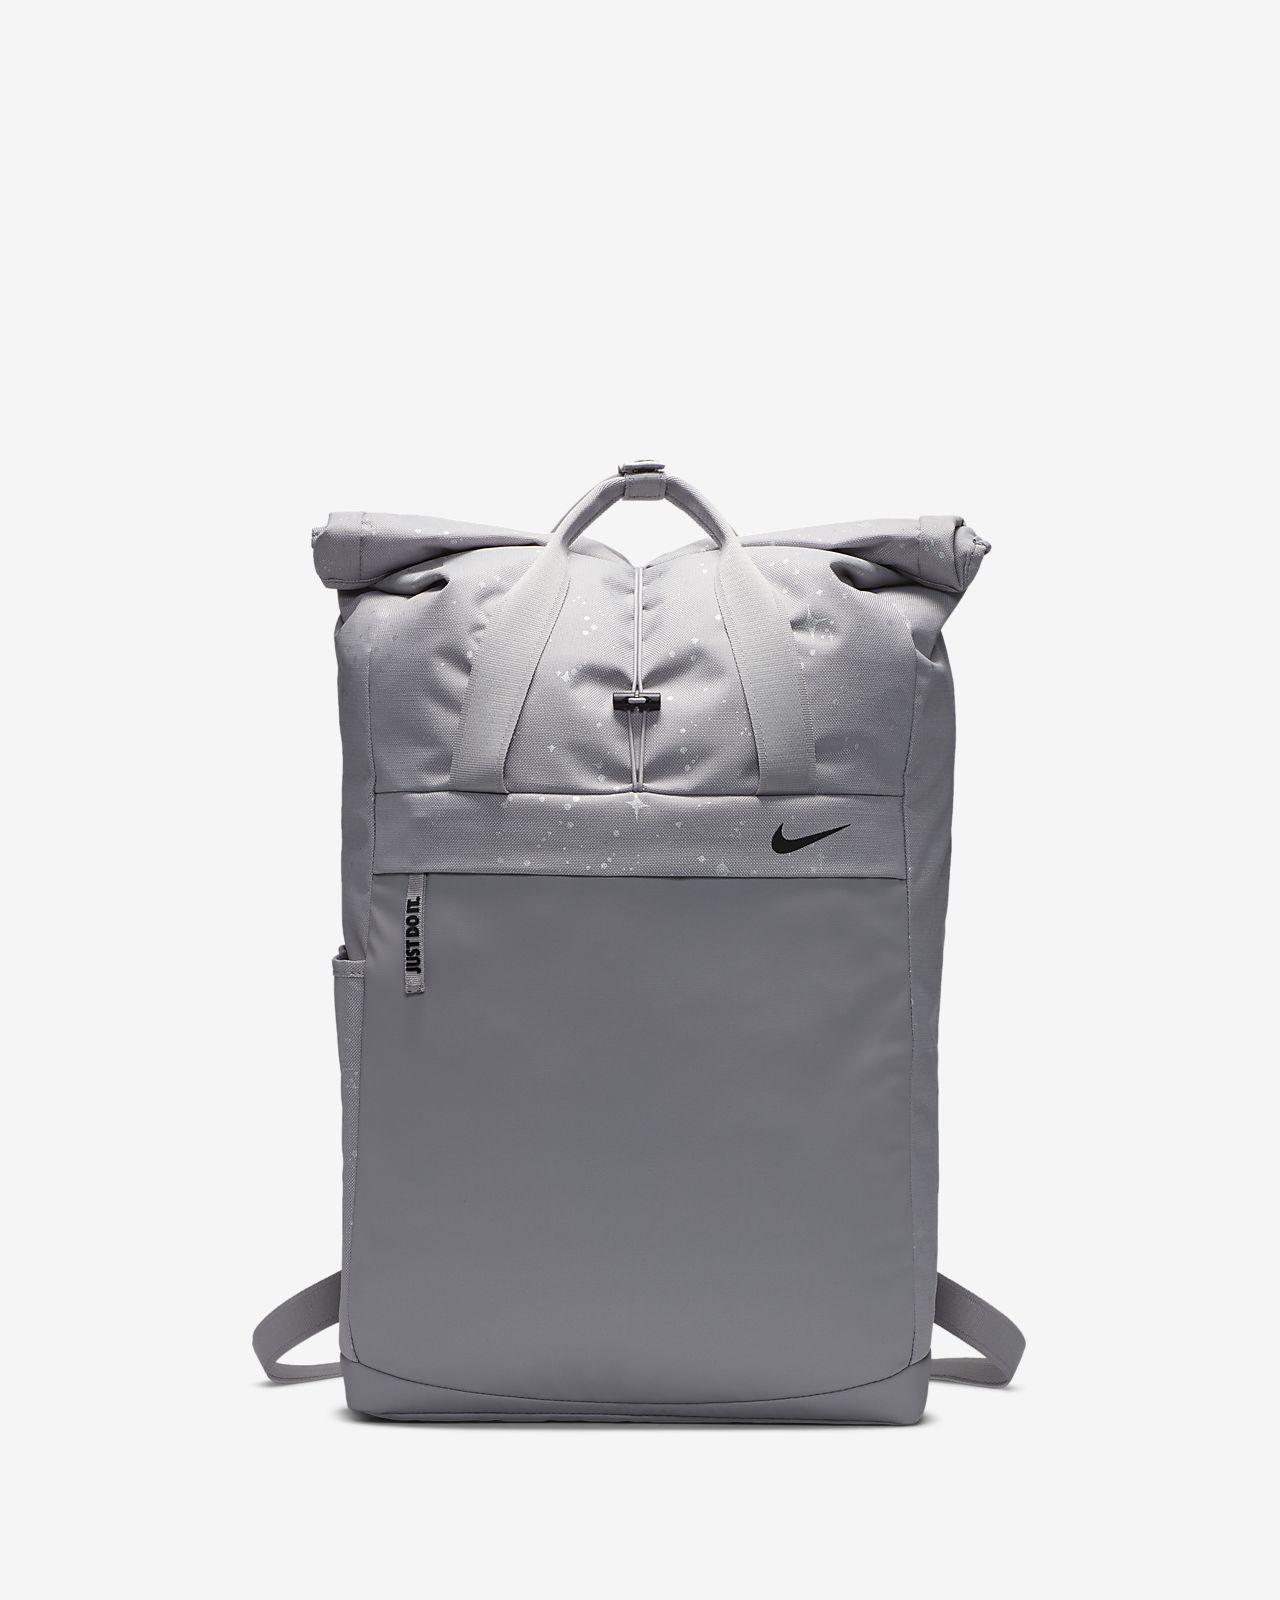 Nike Radiate Printed Training Backpack